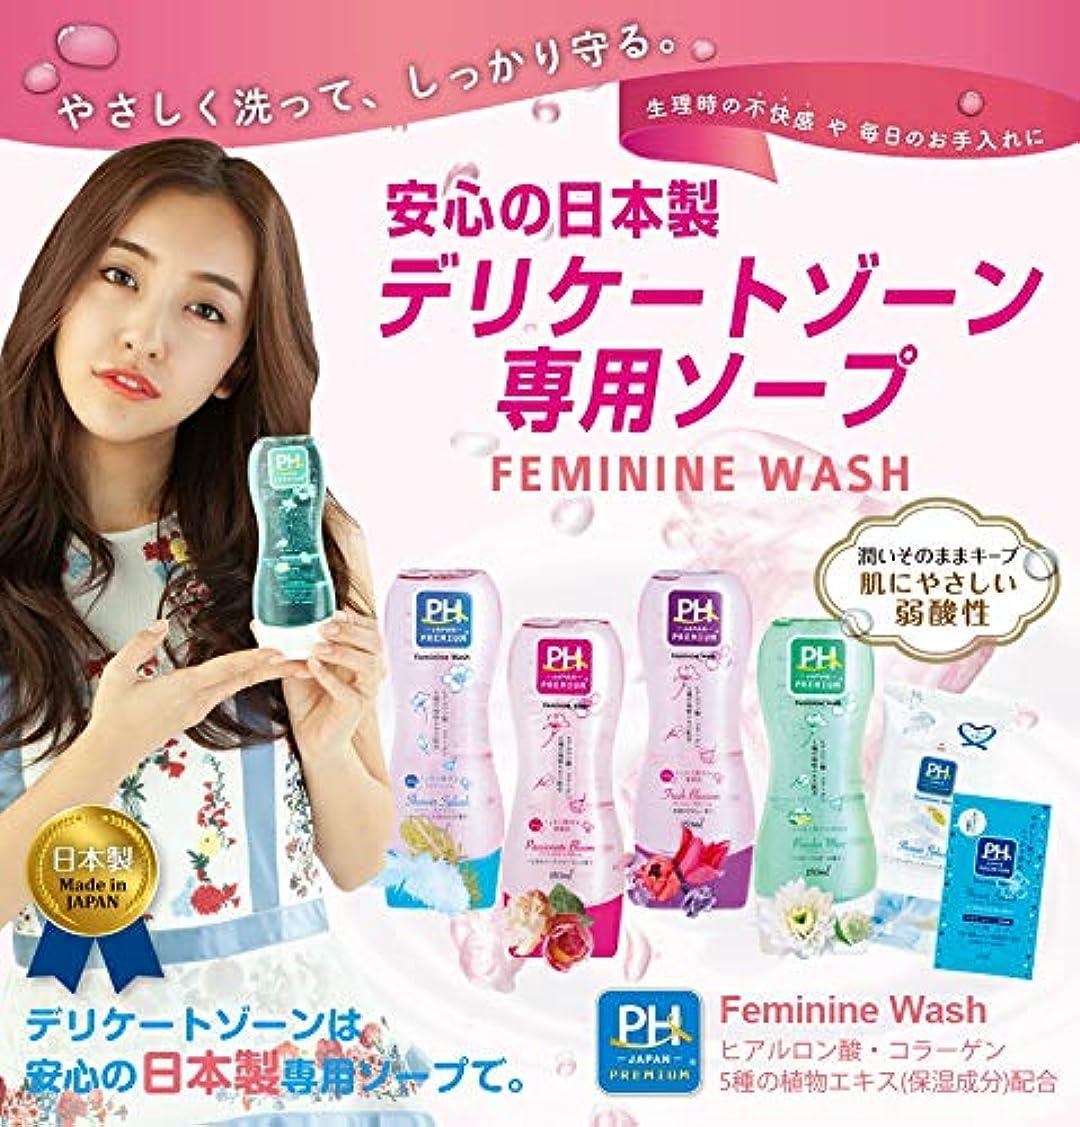 ロマンチック整然としたフレッシュパッショネイトブルーム4本セット PH JAPAN フェミニンウォッシュ 上品なローズフローラルの香り